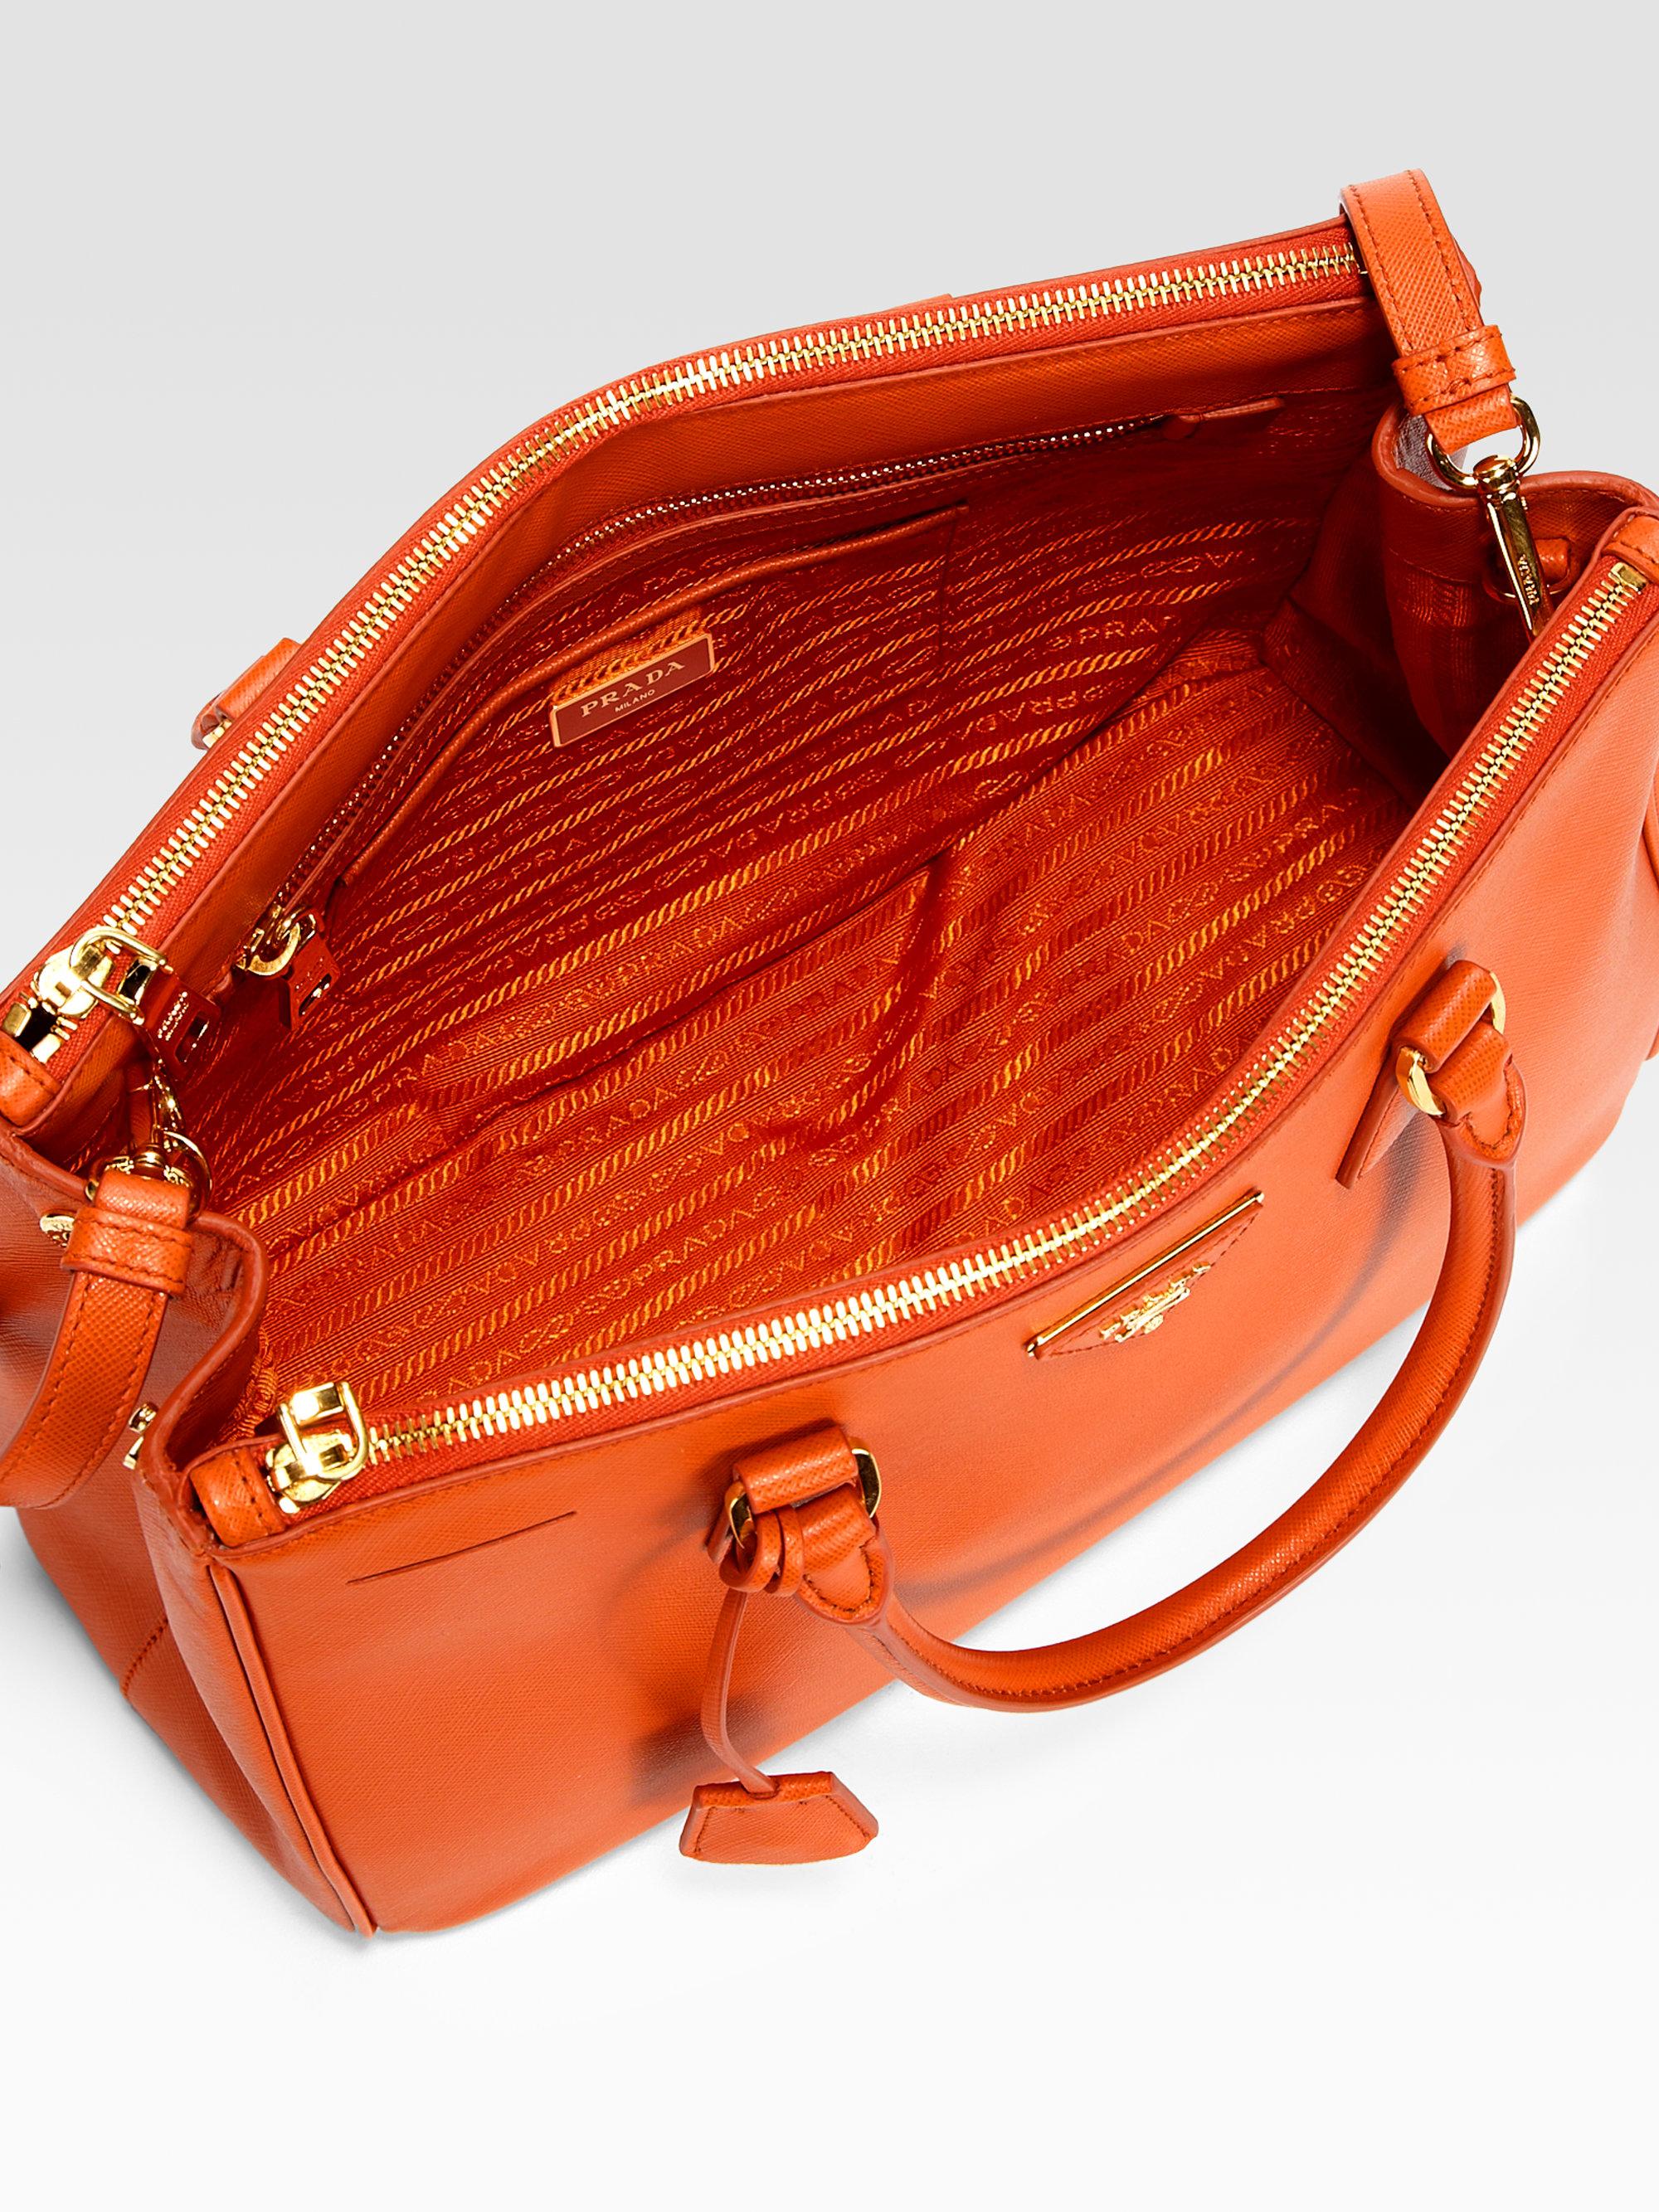 prada luggage price - prada galleria bag papaya